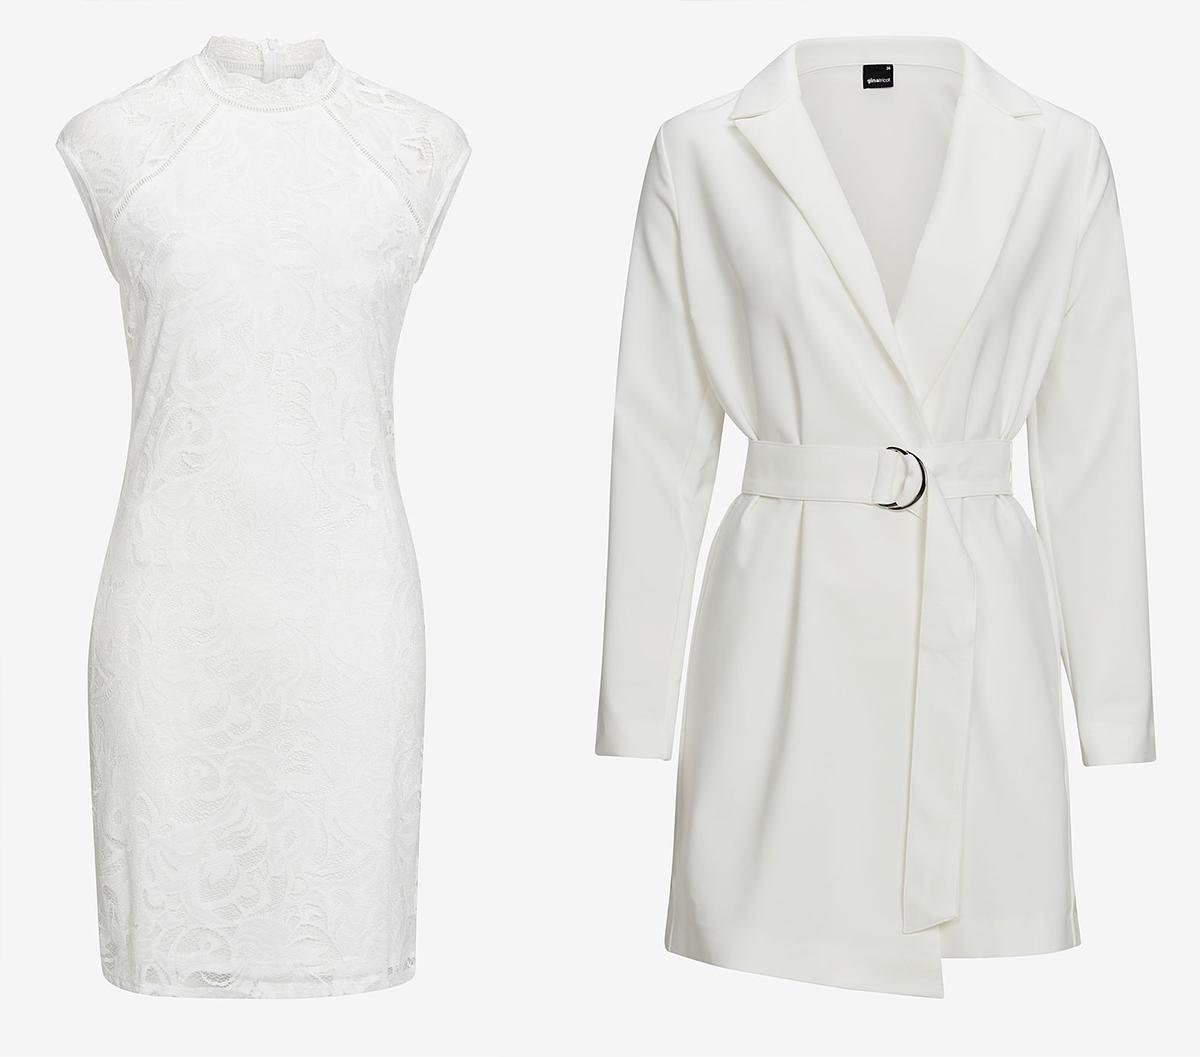 vit klänning budget